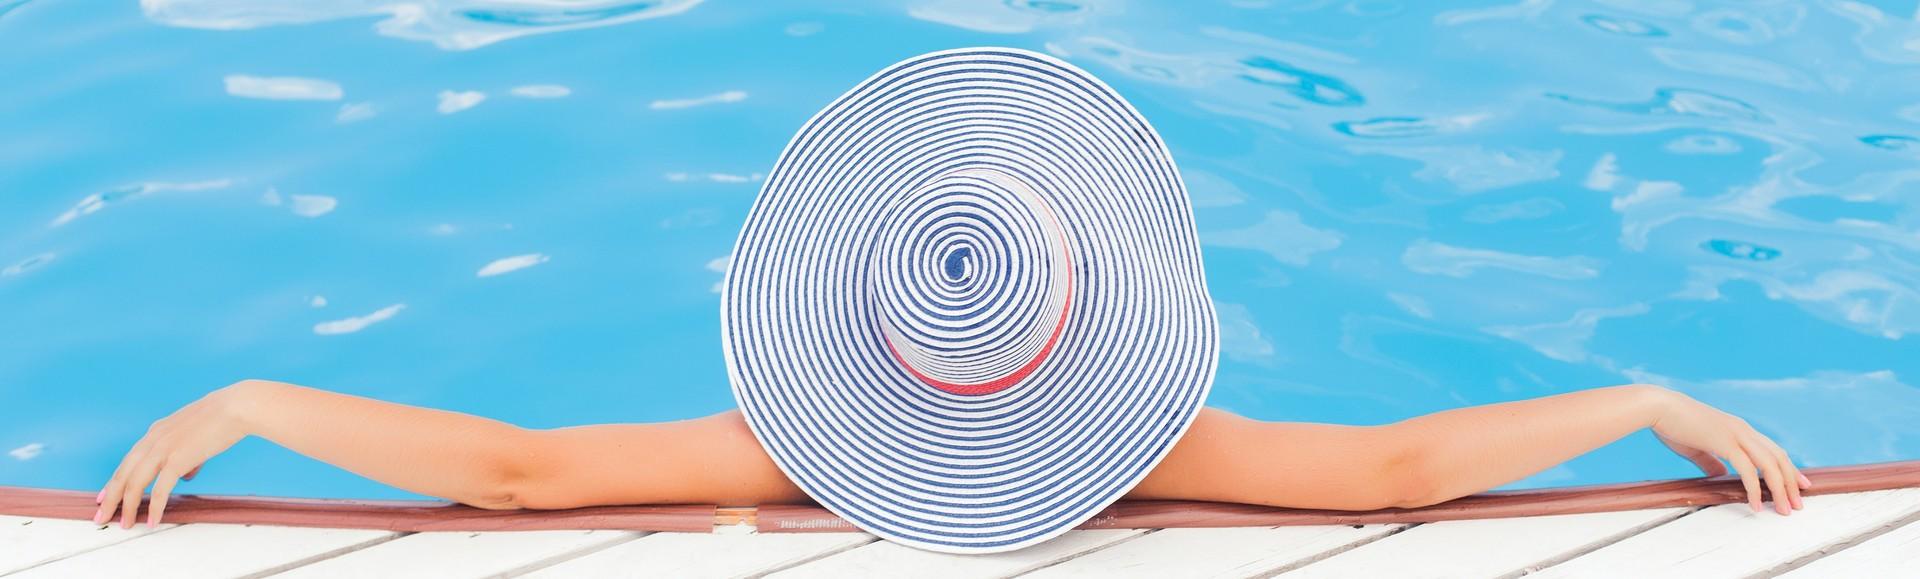 image femme piscine